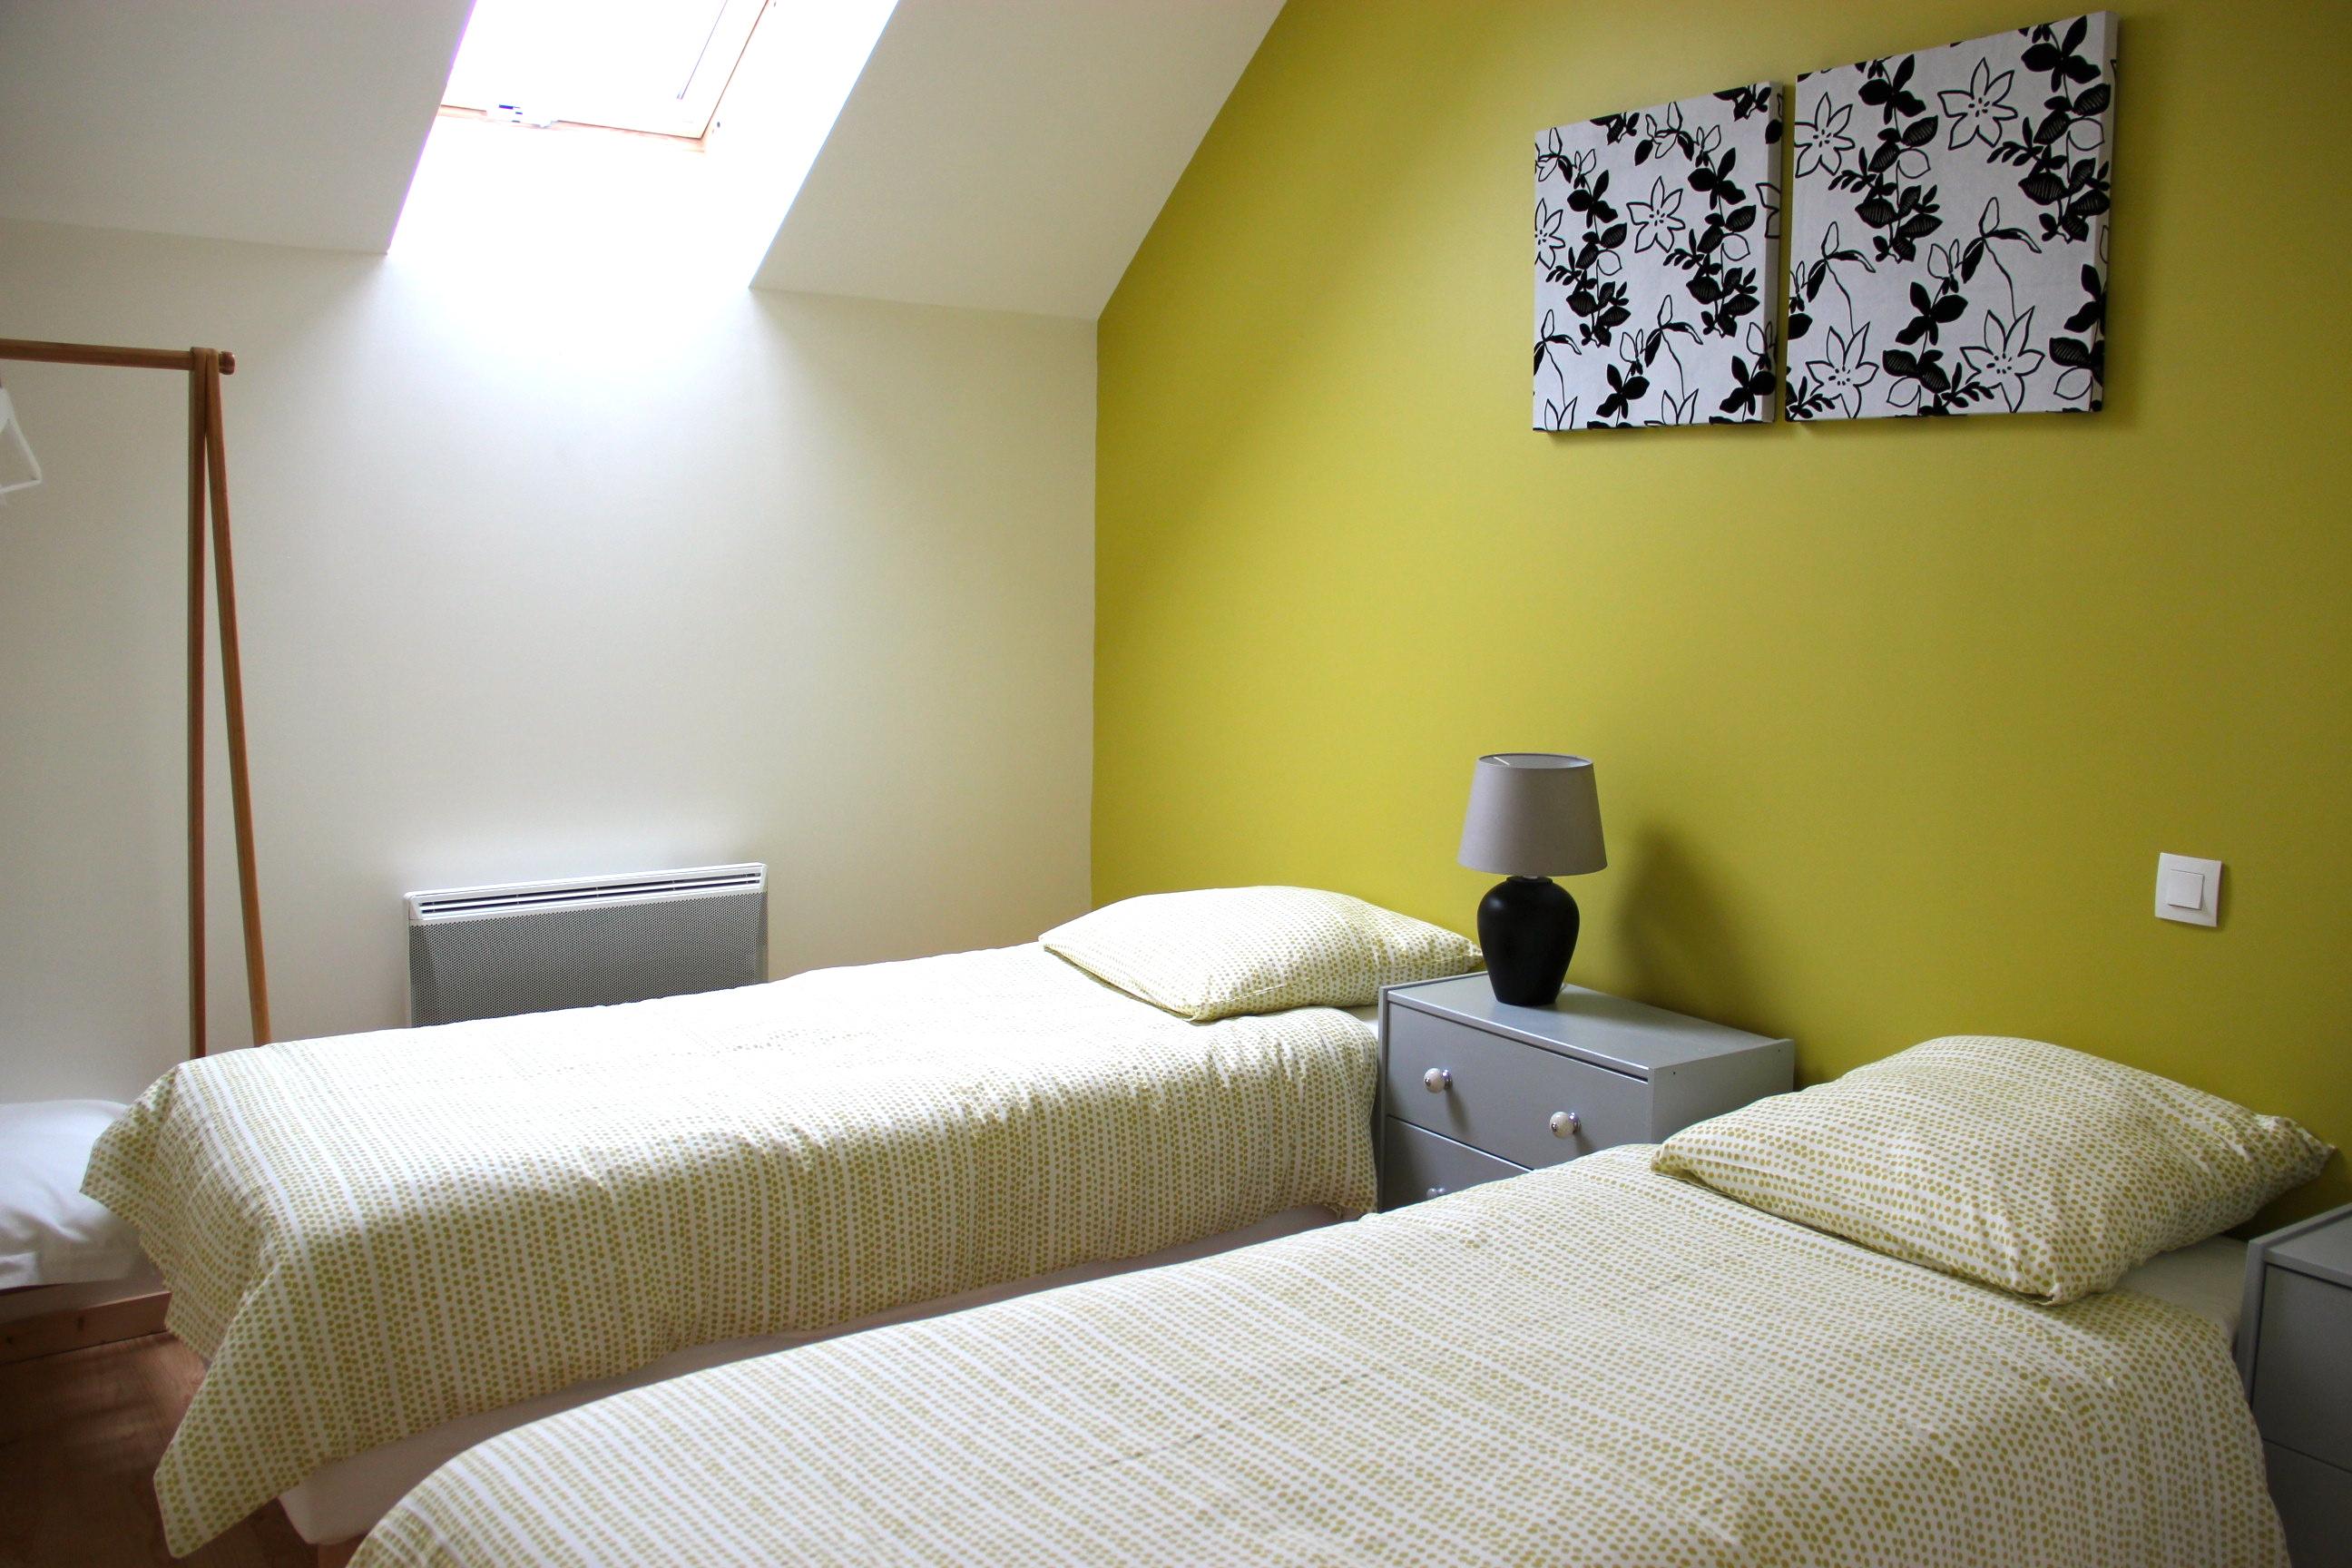 Choix des couleurs pour une chambre photos de conception for Choix des couleurs pour une chambre